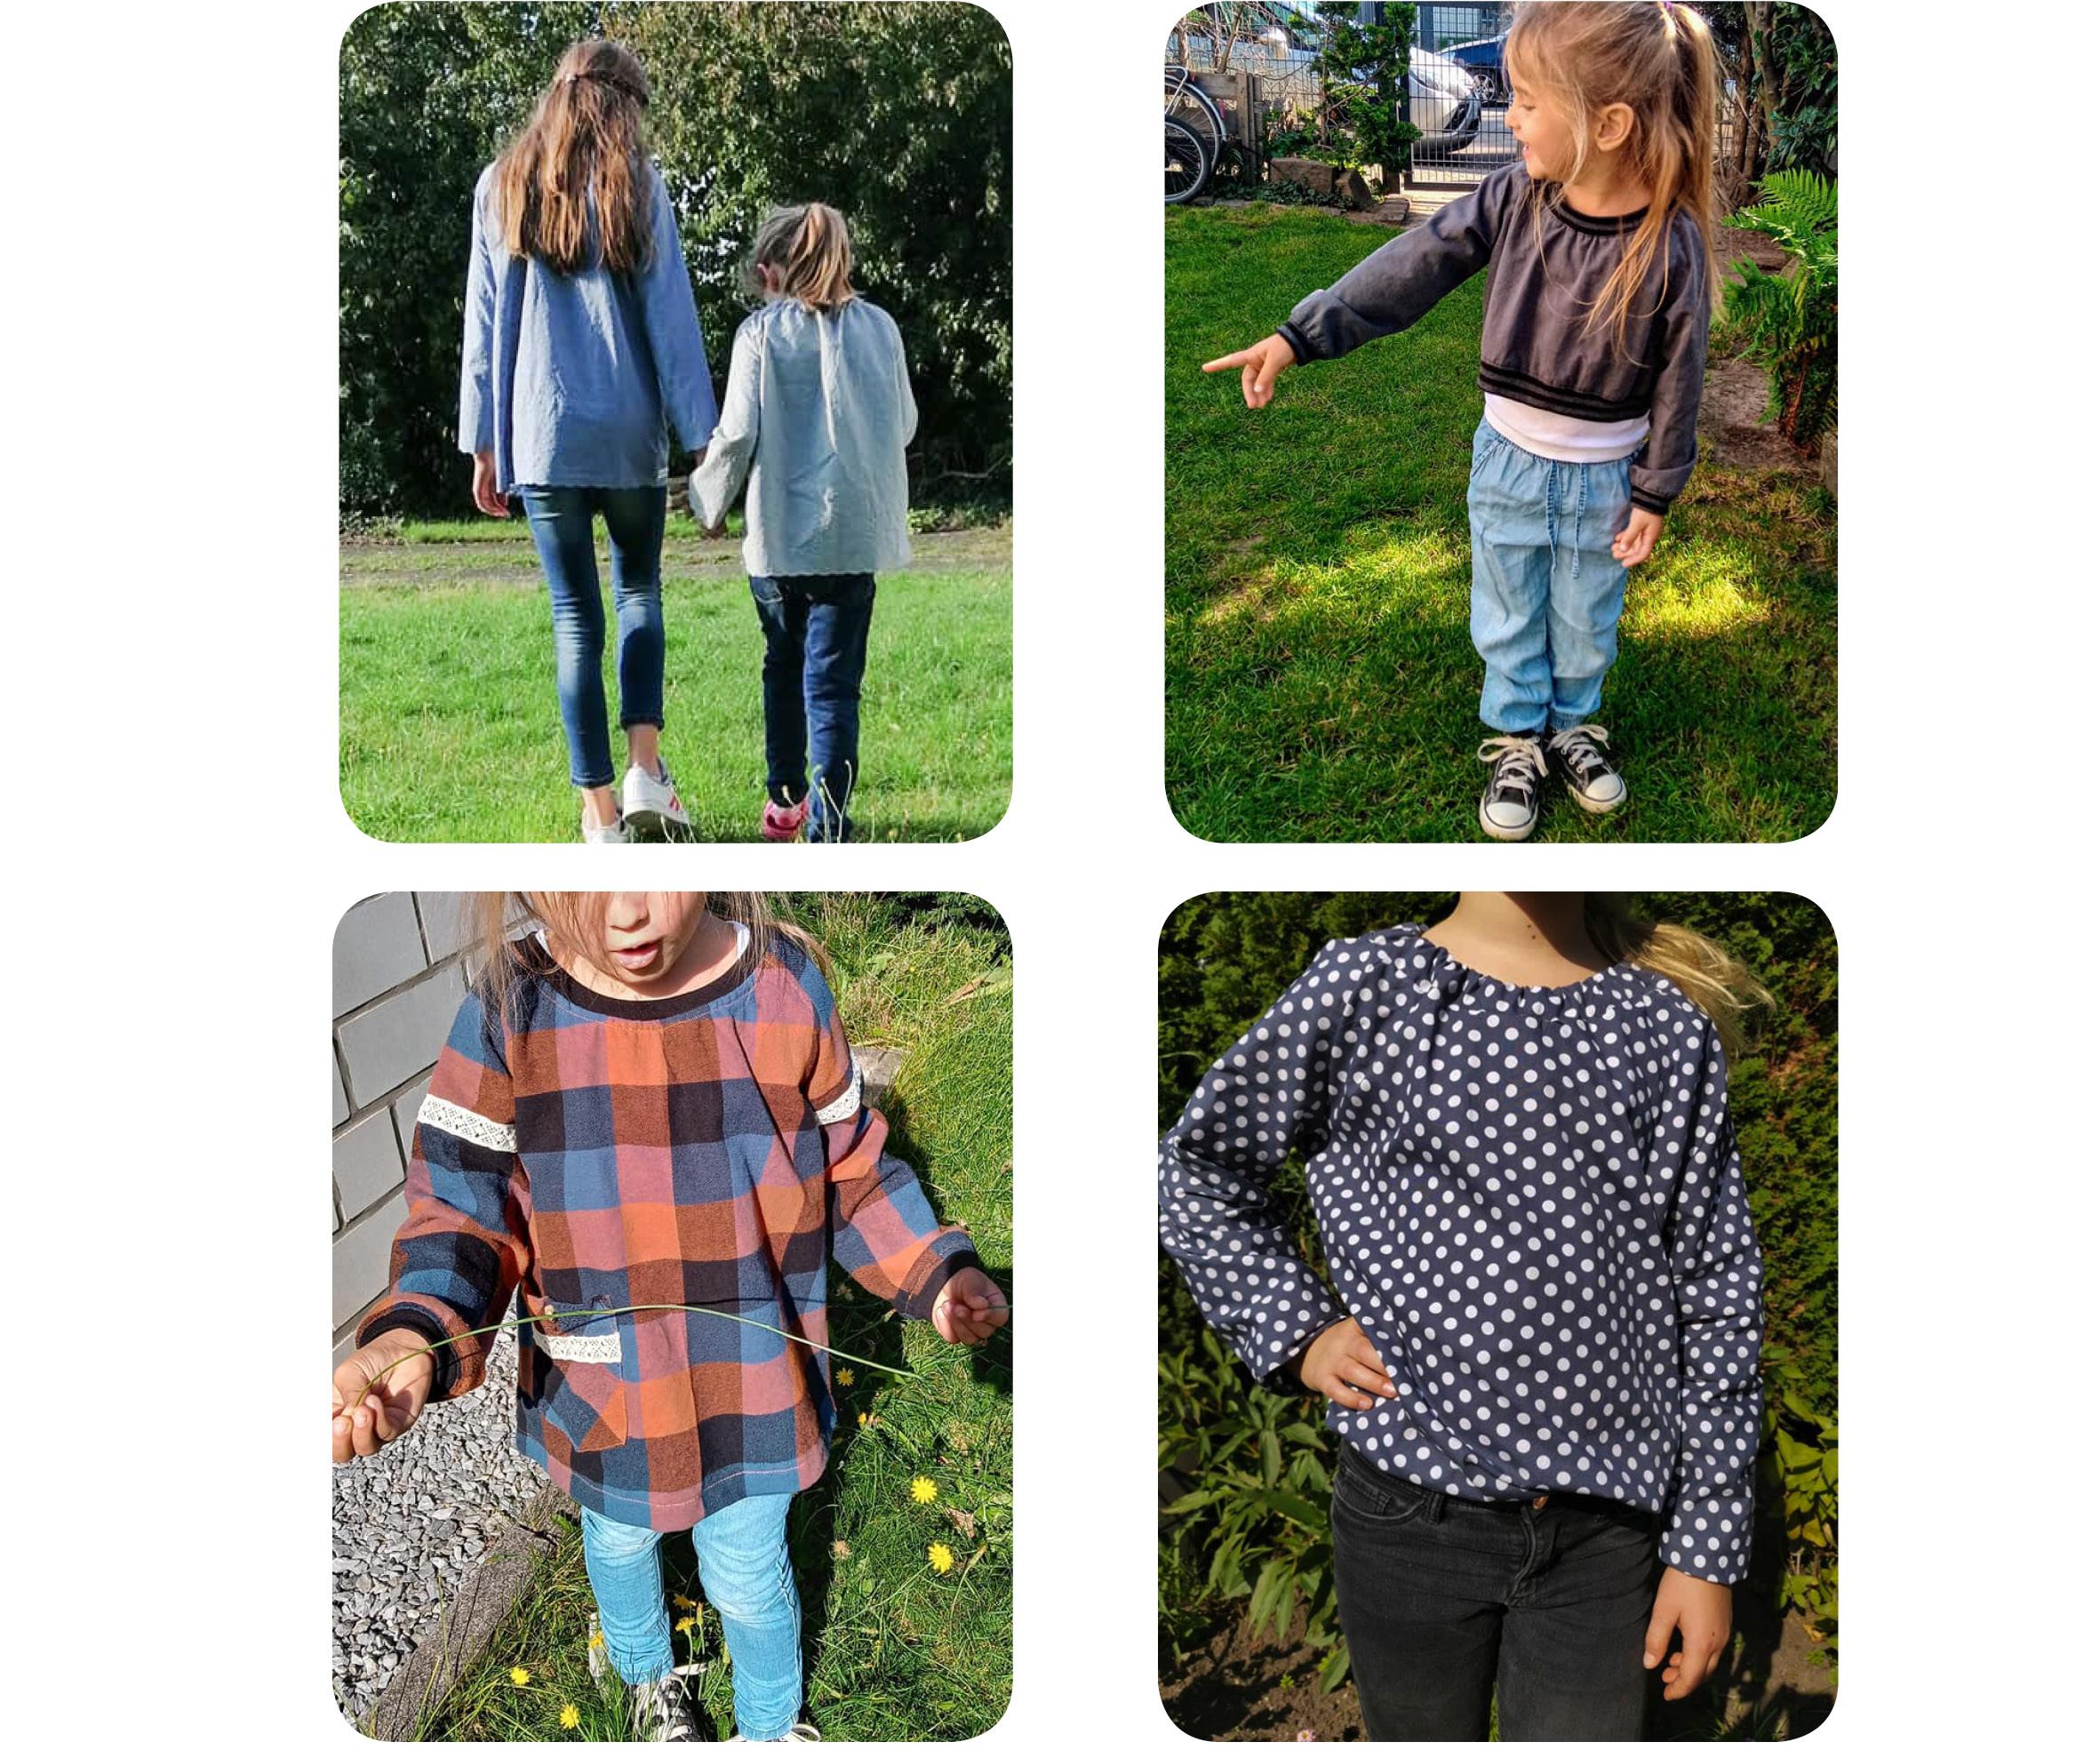 Raglanbluse: Designbeispiele zur Bluse für Mädchen / Nähanleitung